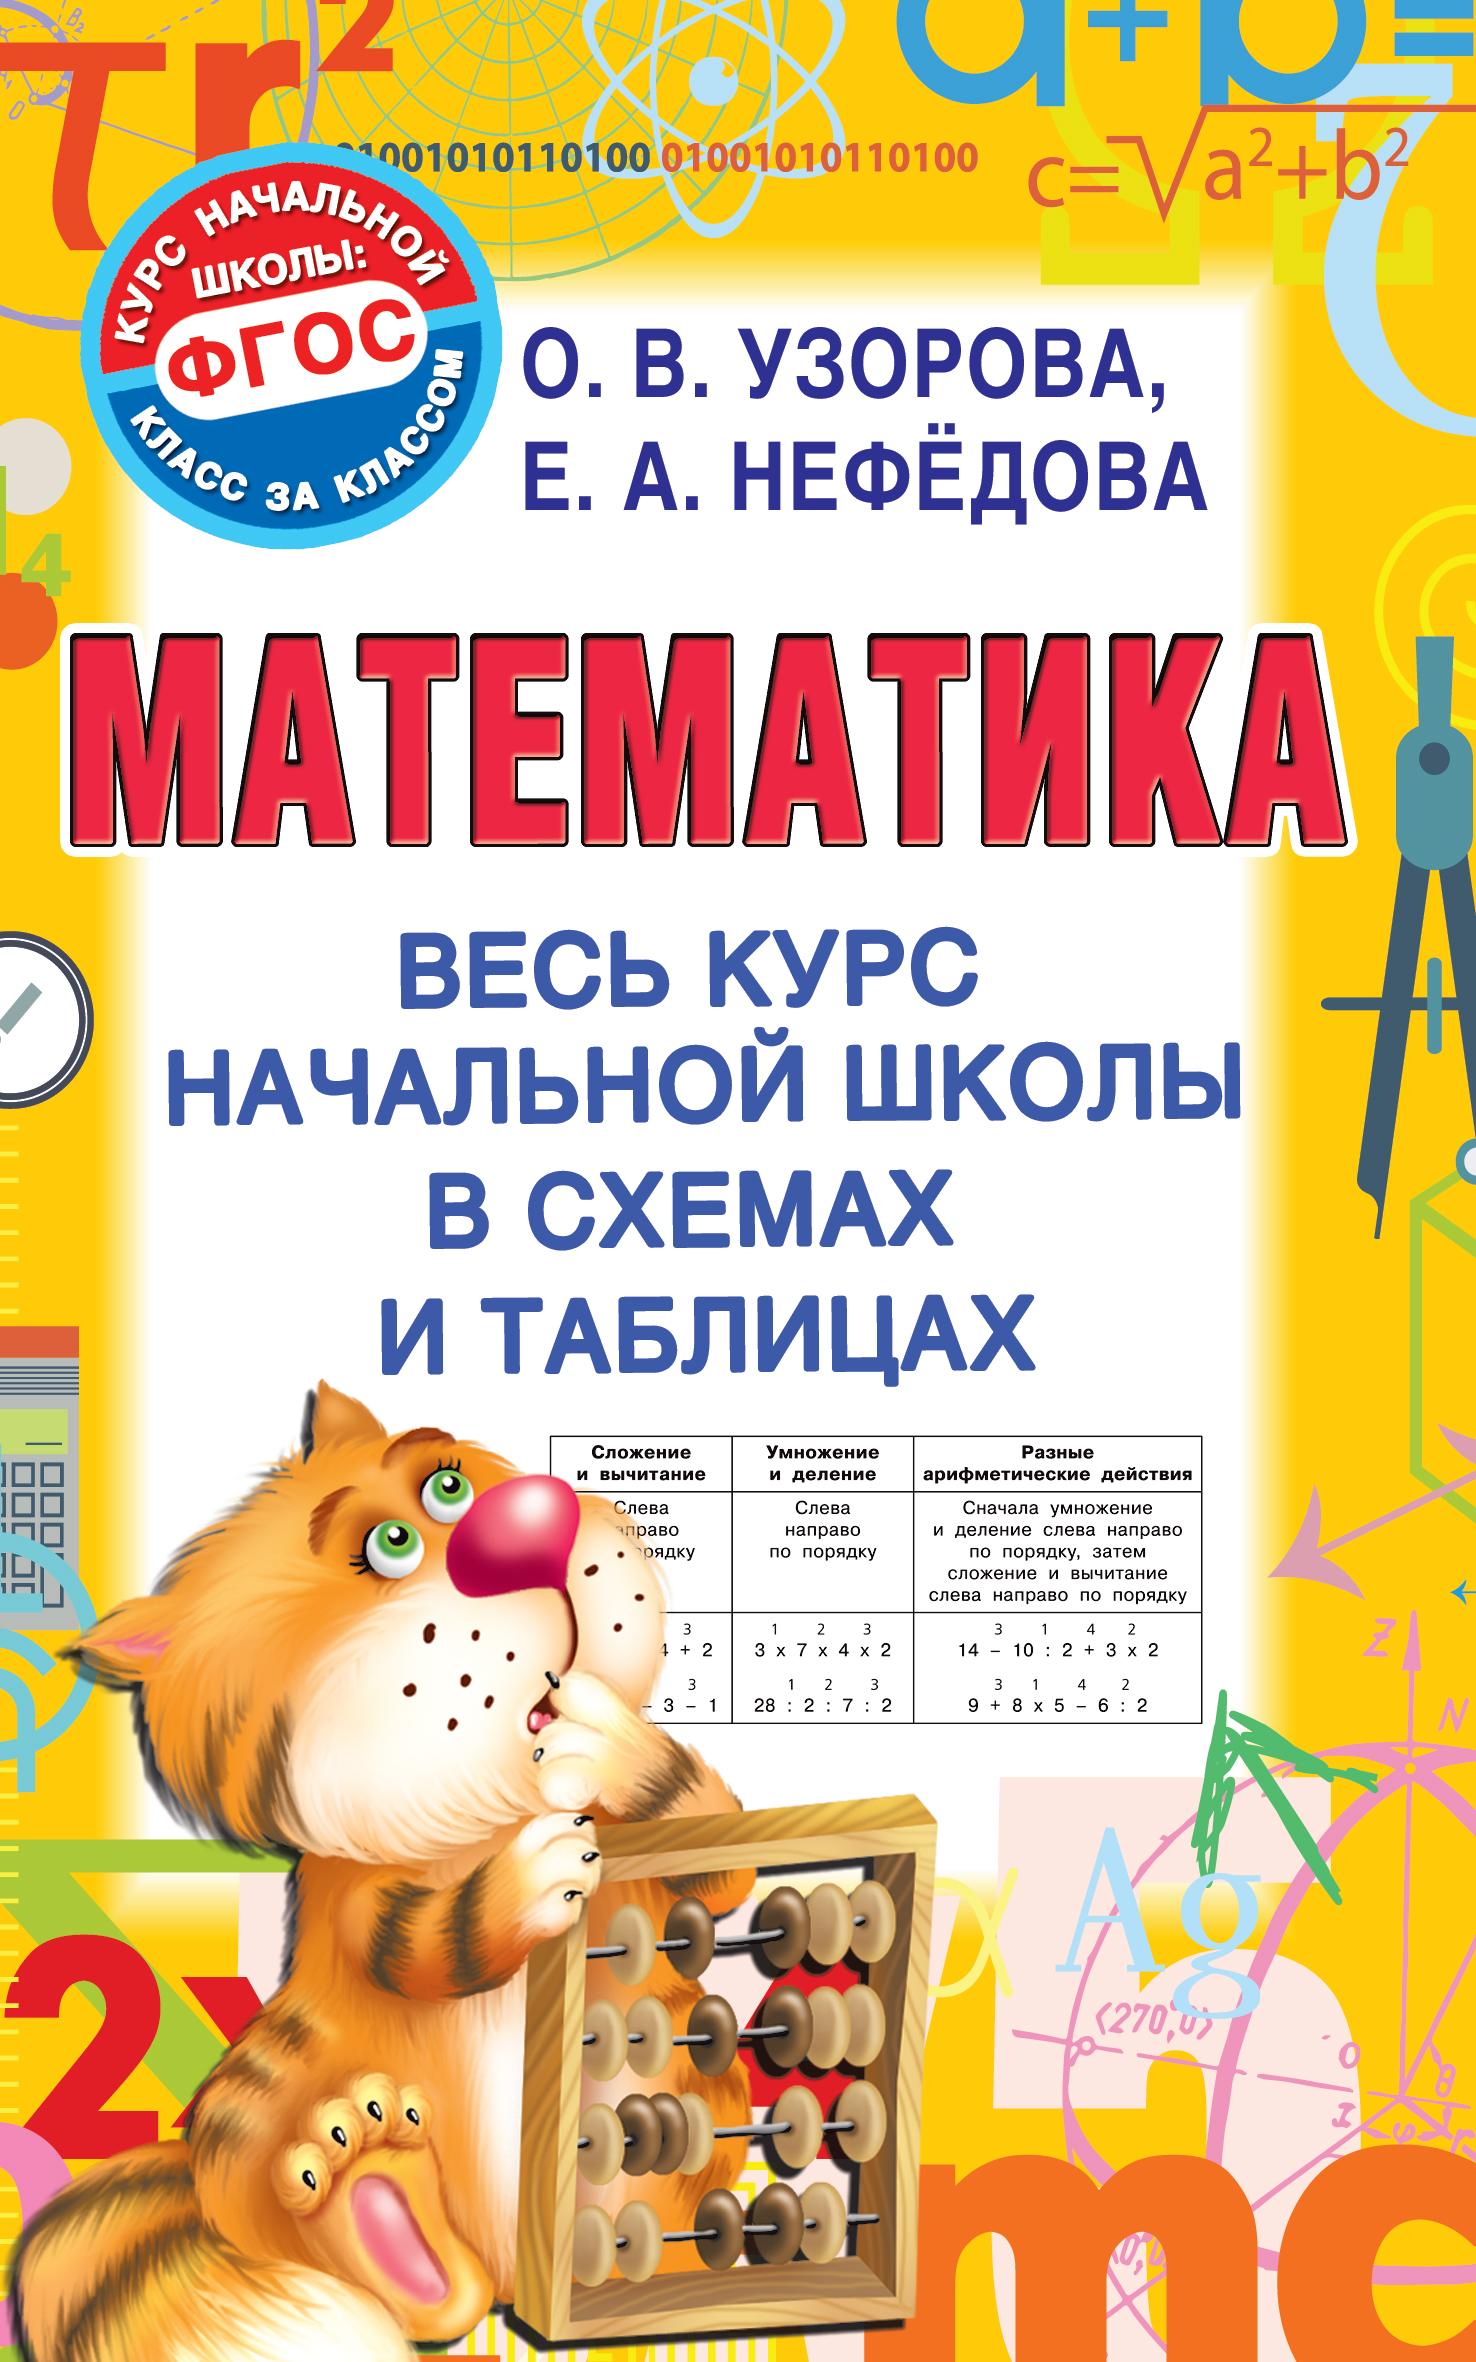 Узорова ОВ Нефедова ЕА Математика Весь курс начальной школы в схемах и таблицах